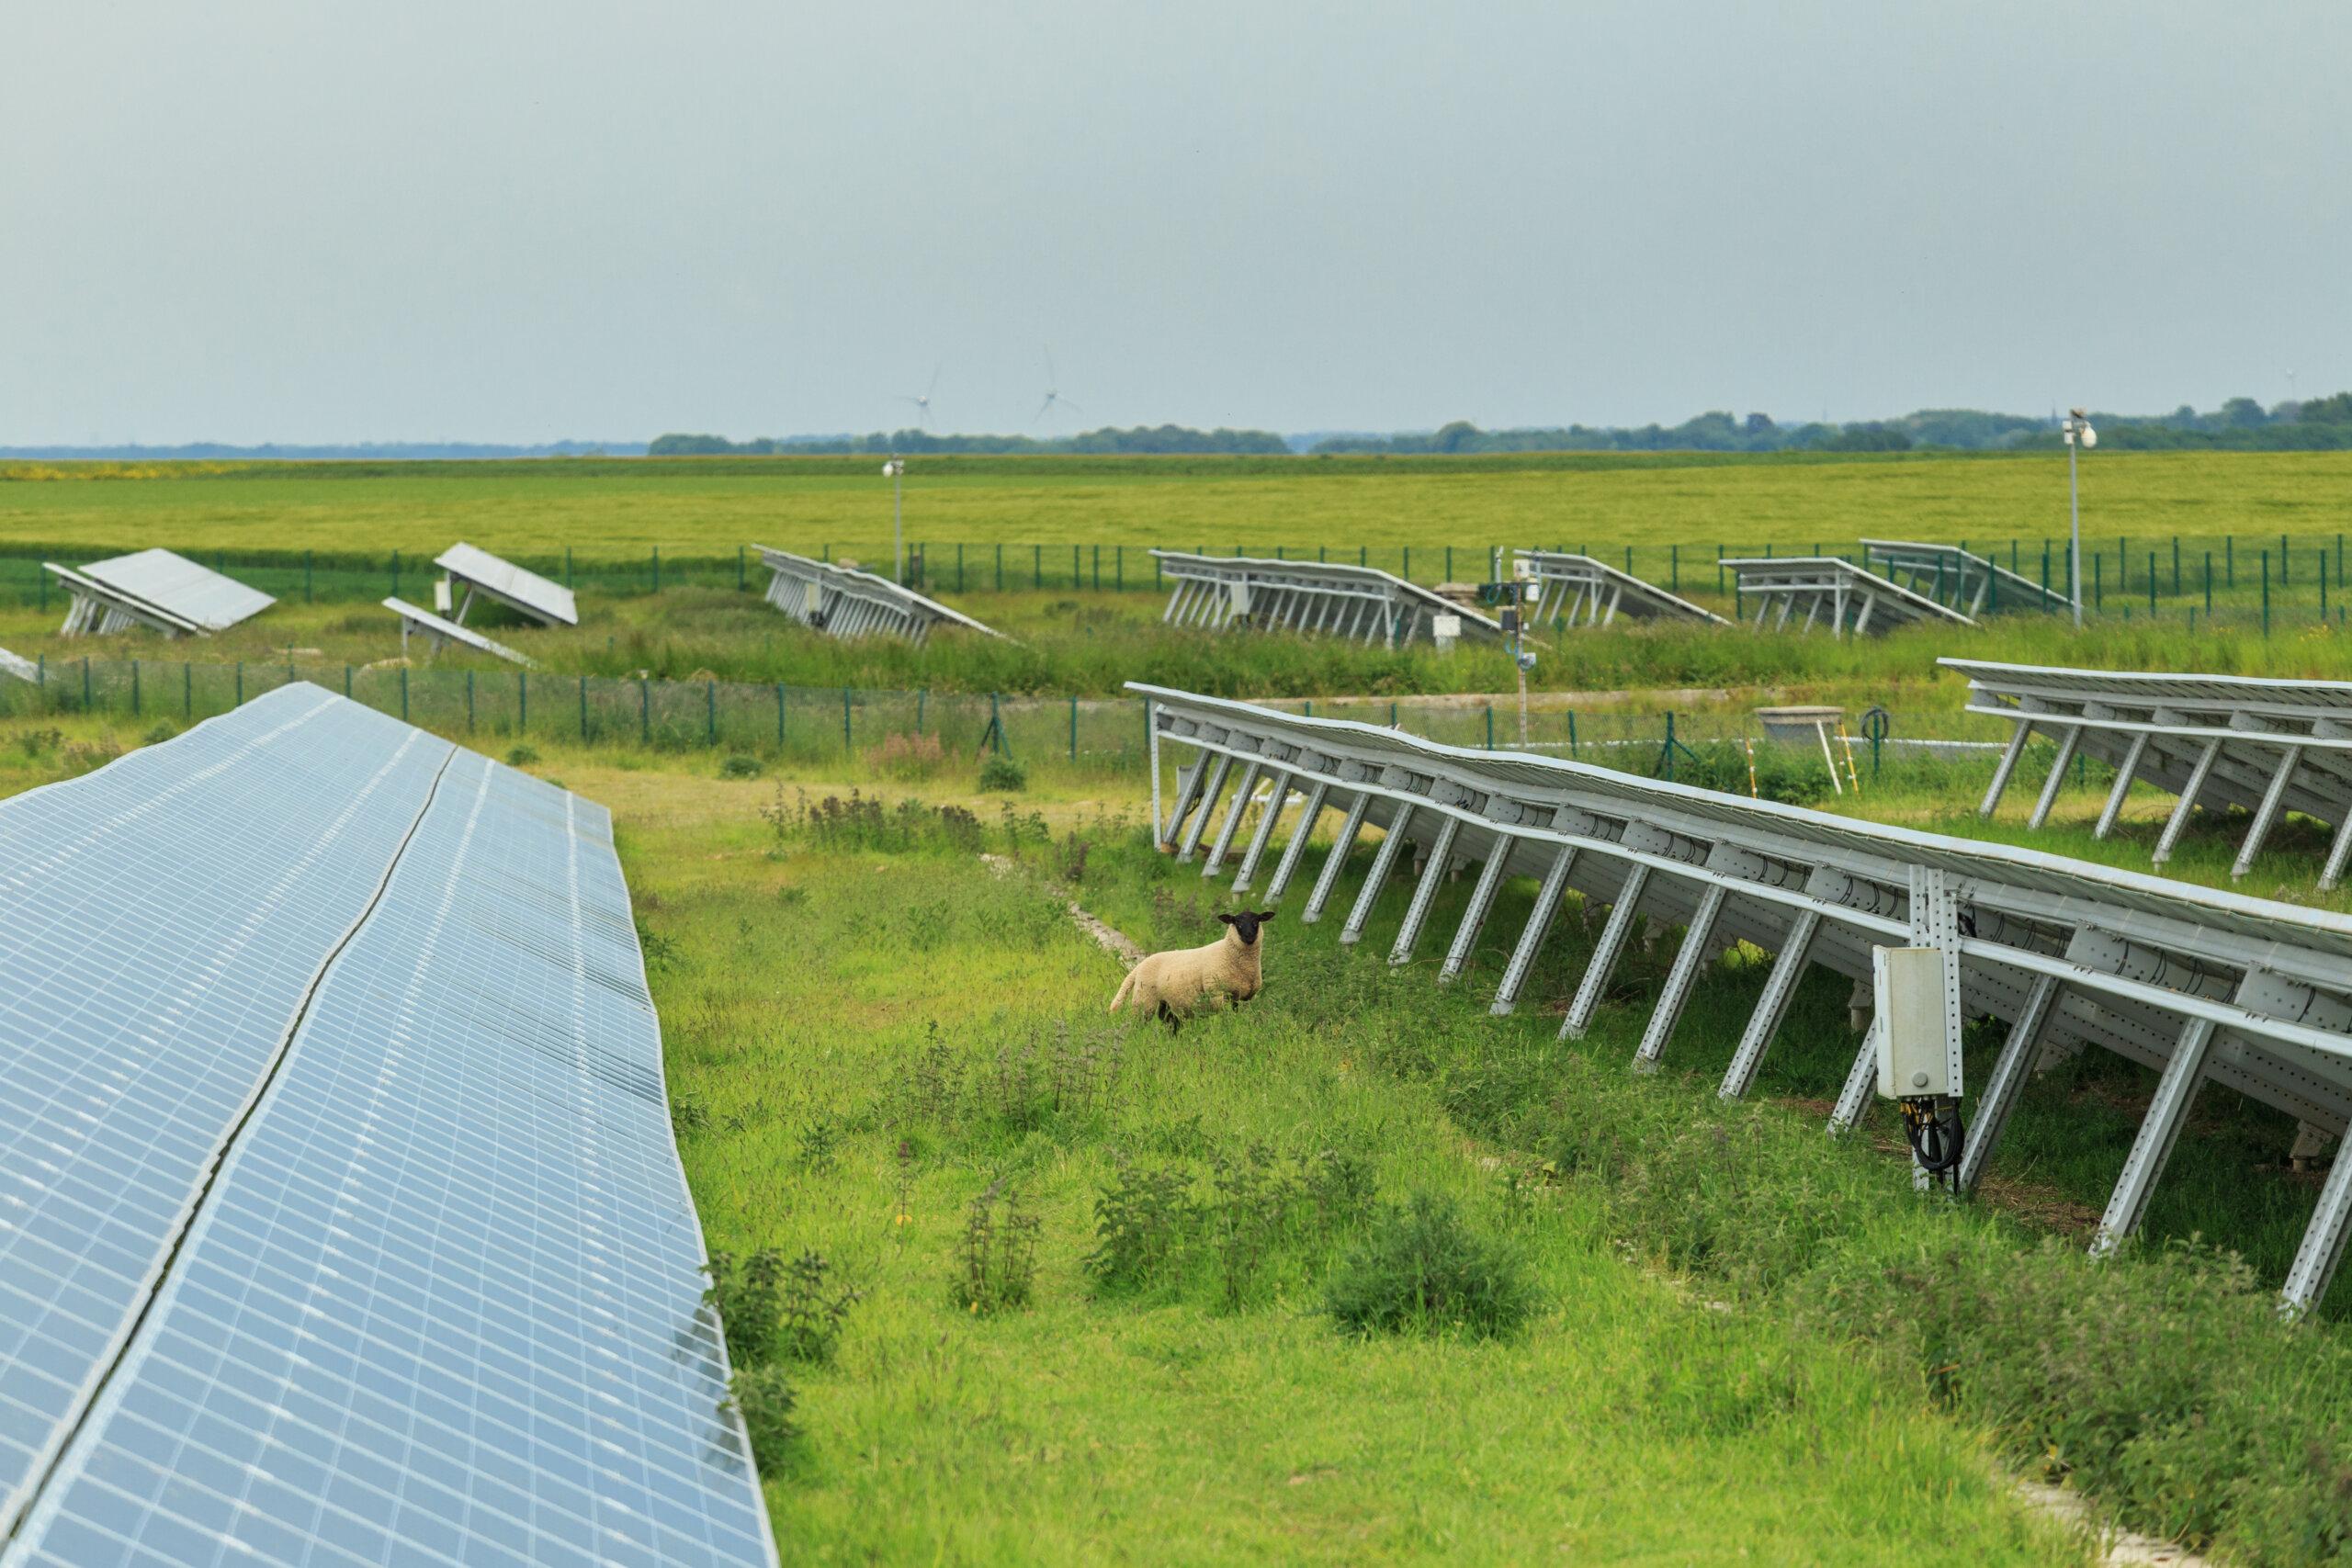 Solarpark mit Wiese und Schaf